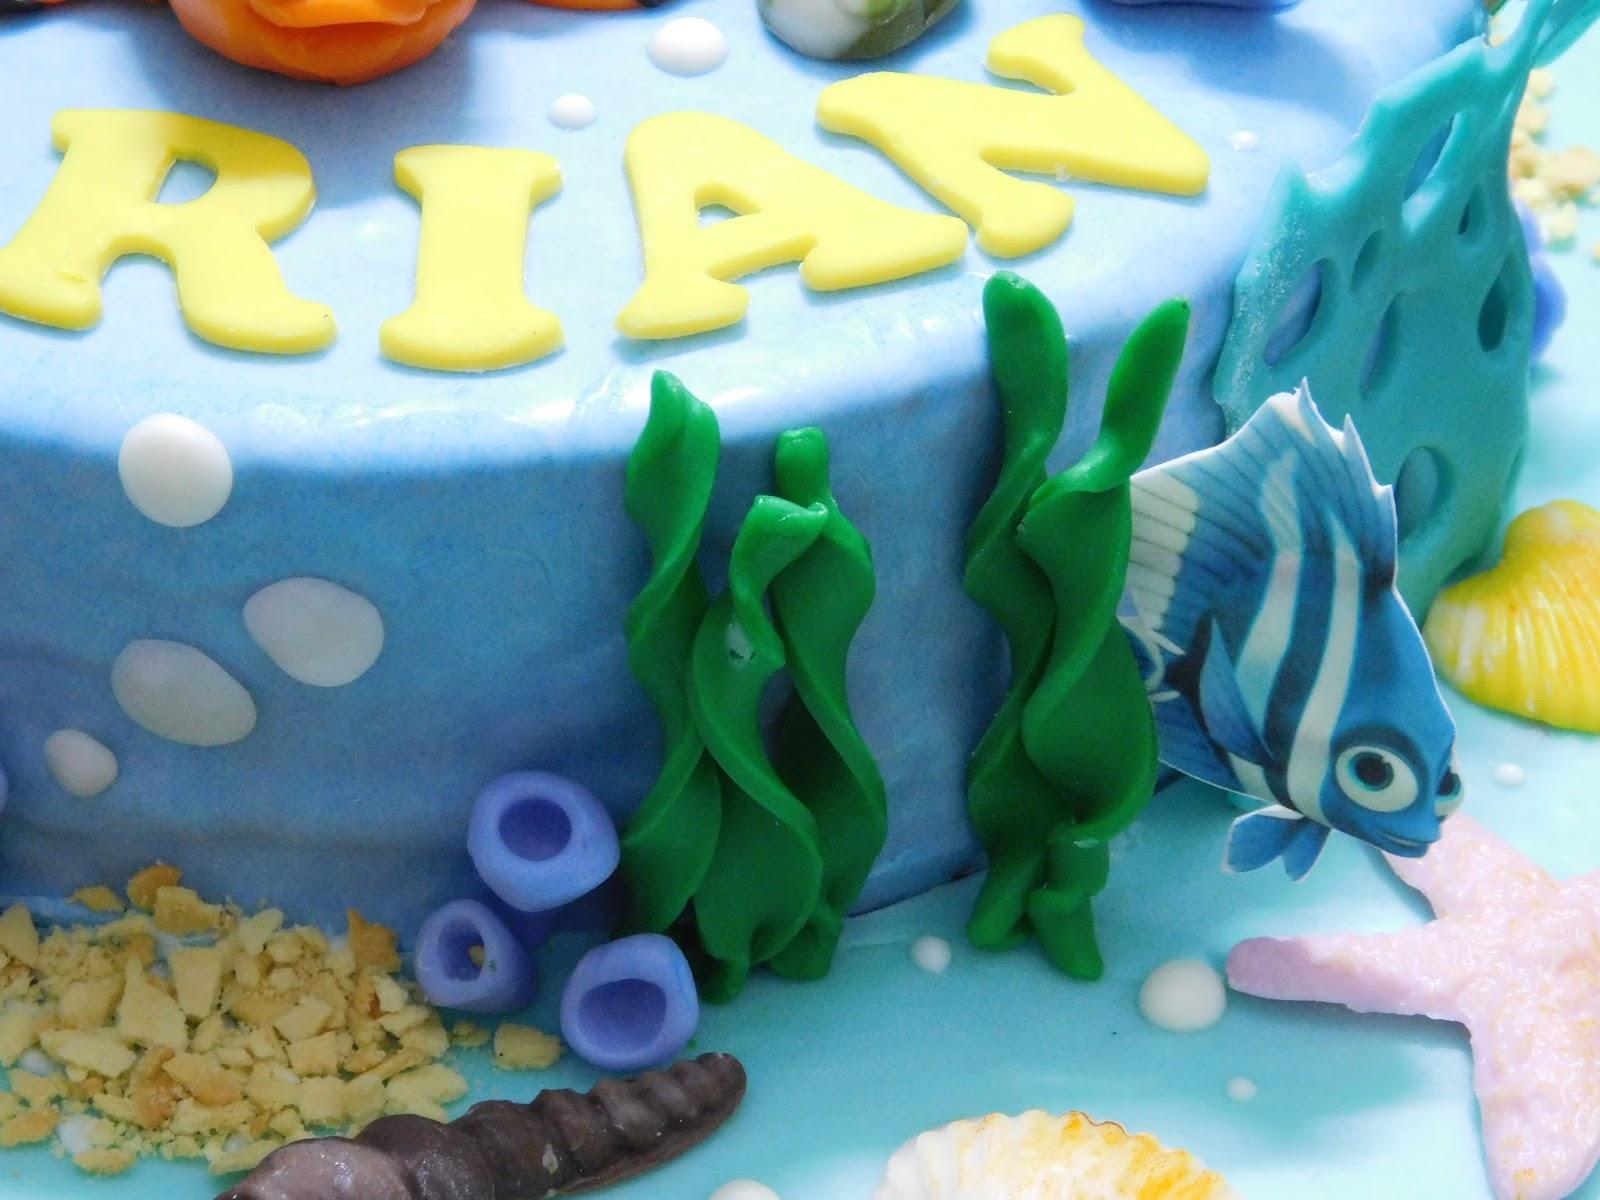 ... KUE | ULANG TAHUN | CAKE | CUPCAKE | TART |: KUE ULANG TAHUN 3D NEMO